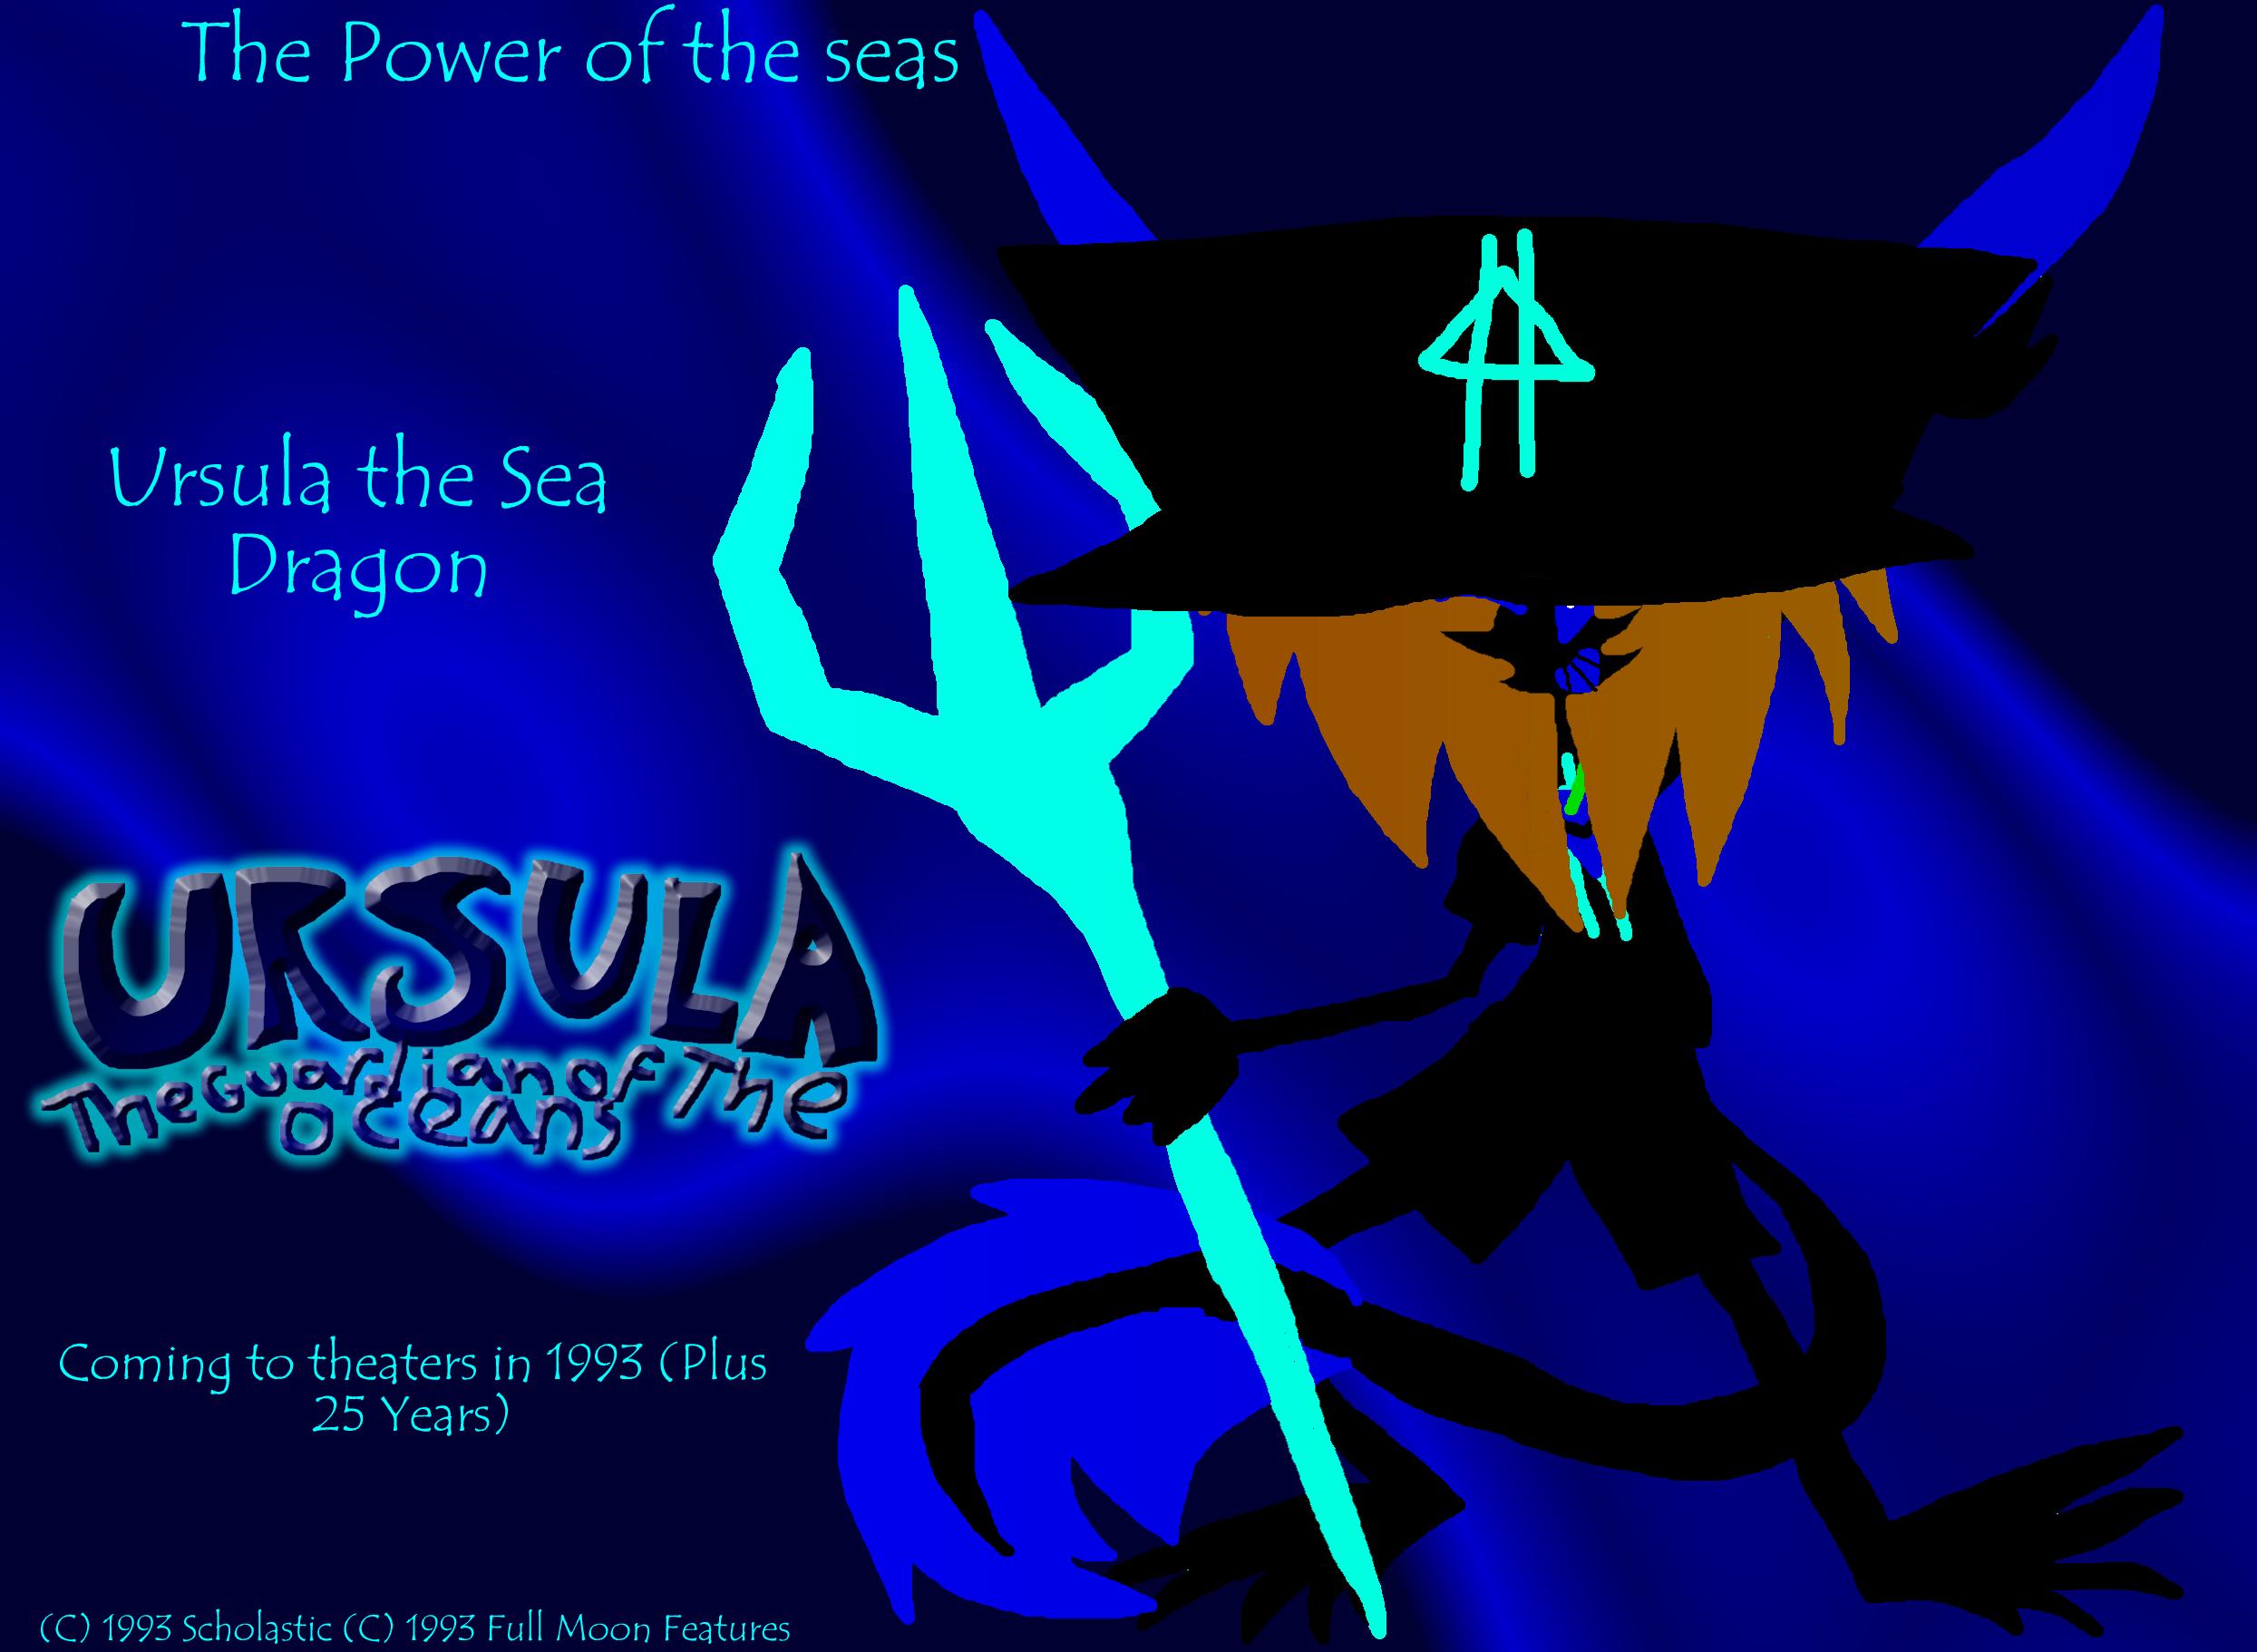 The Power of the seas - Ursula